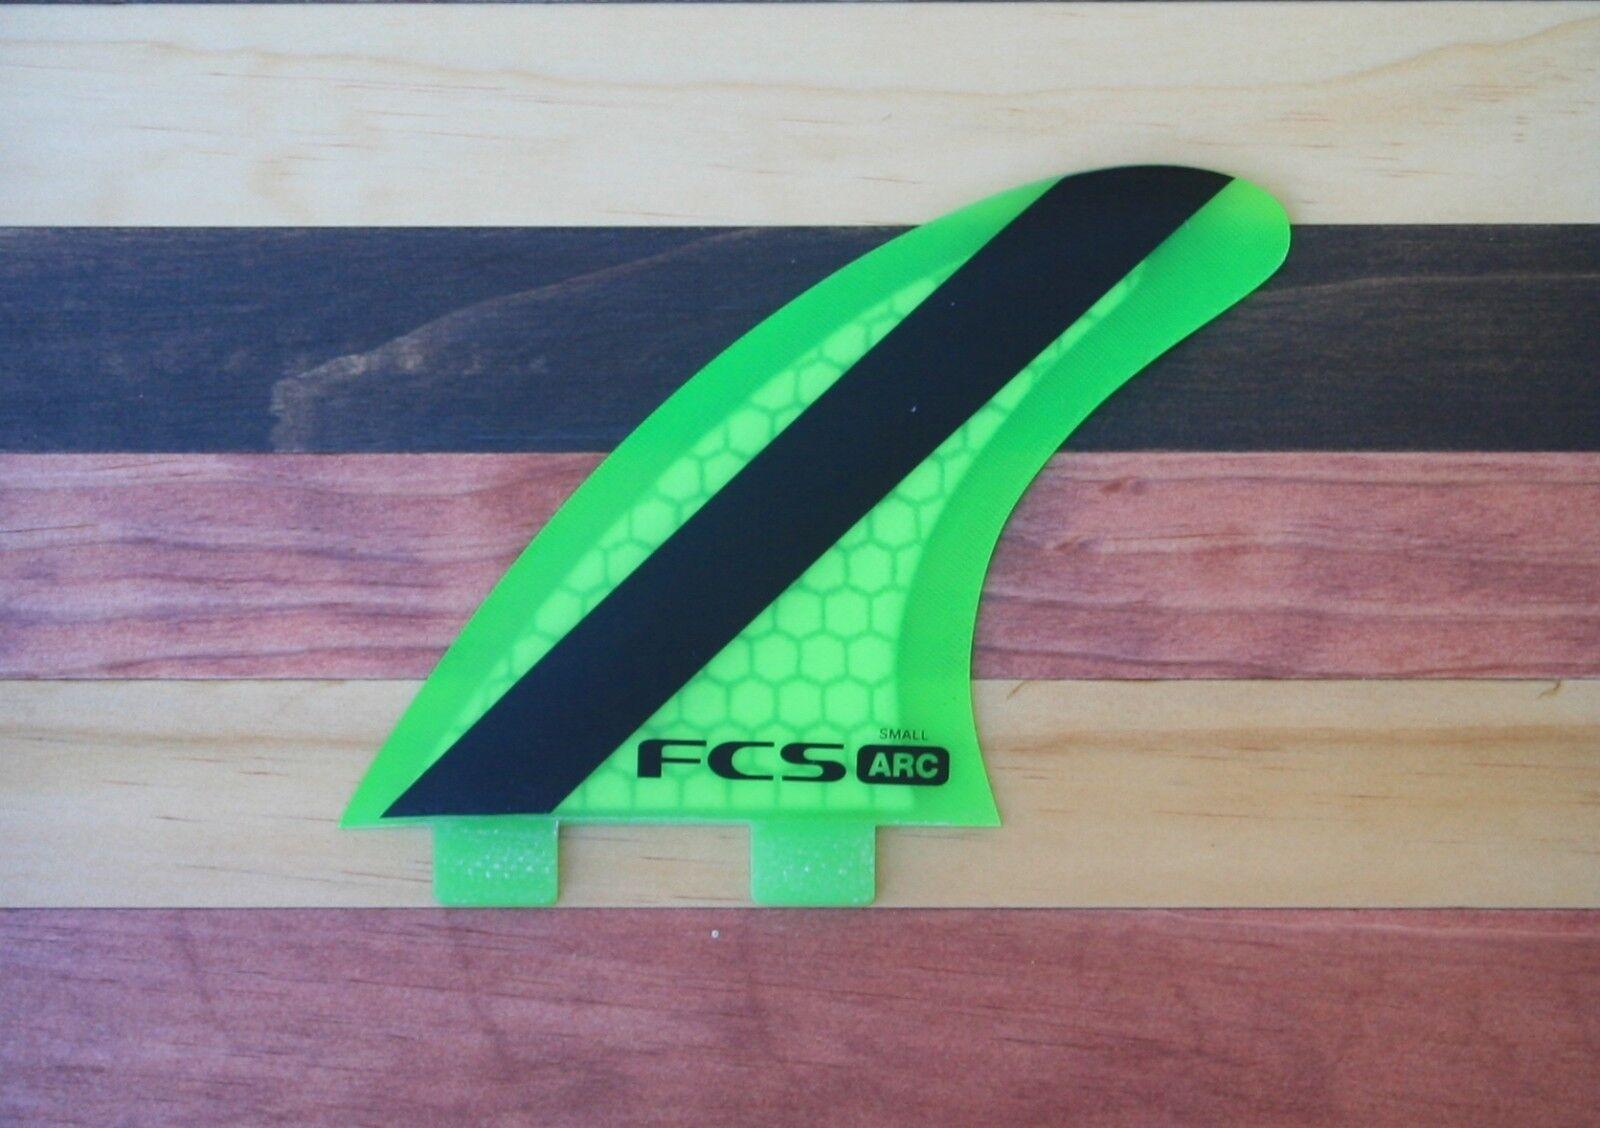 Sistema de control de sensación arco Tabla De Surf 3 fin Set Rendimiento Core pequeña, mediana o grande-nuevo